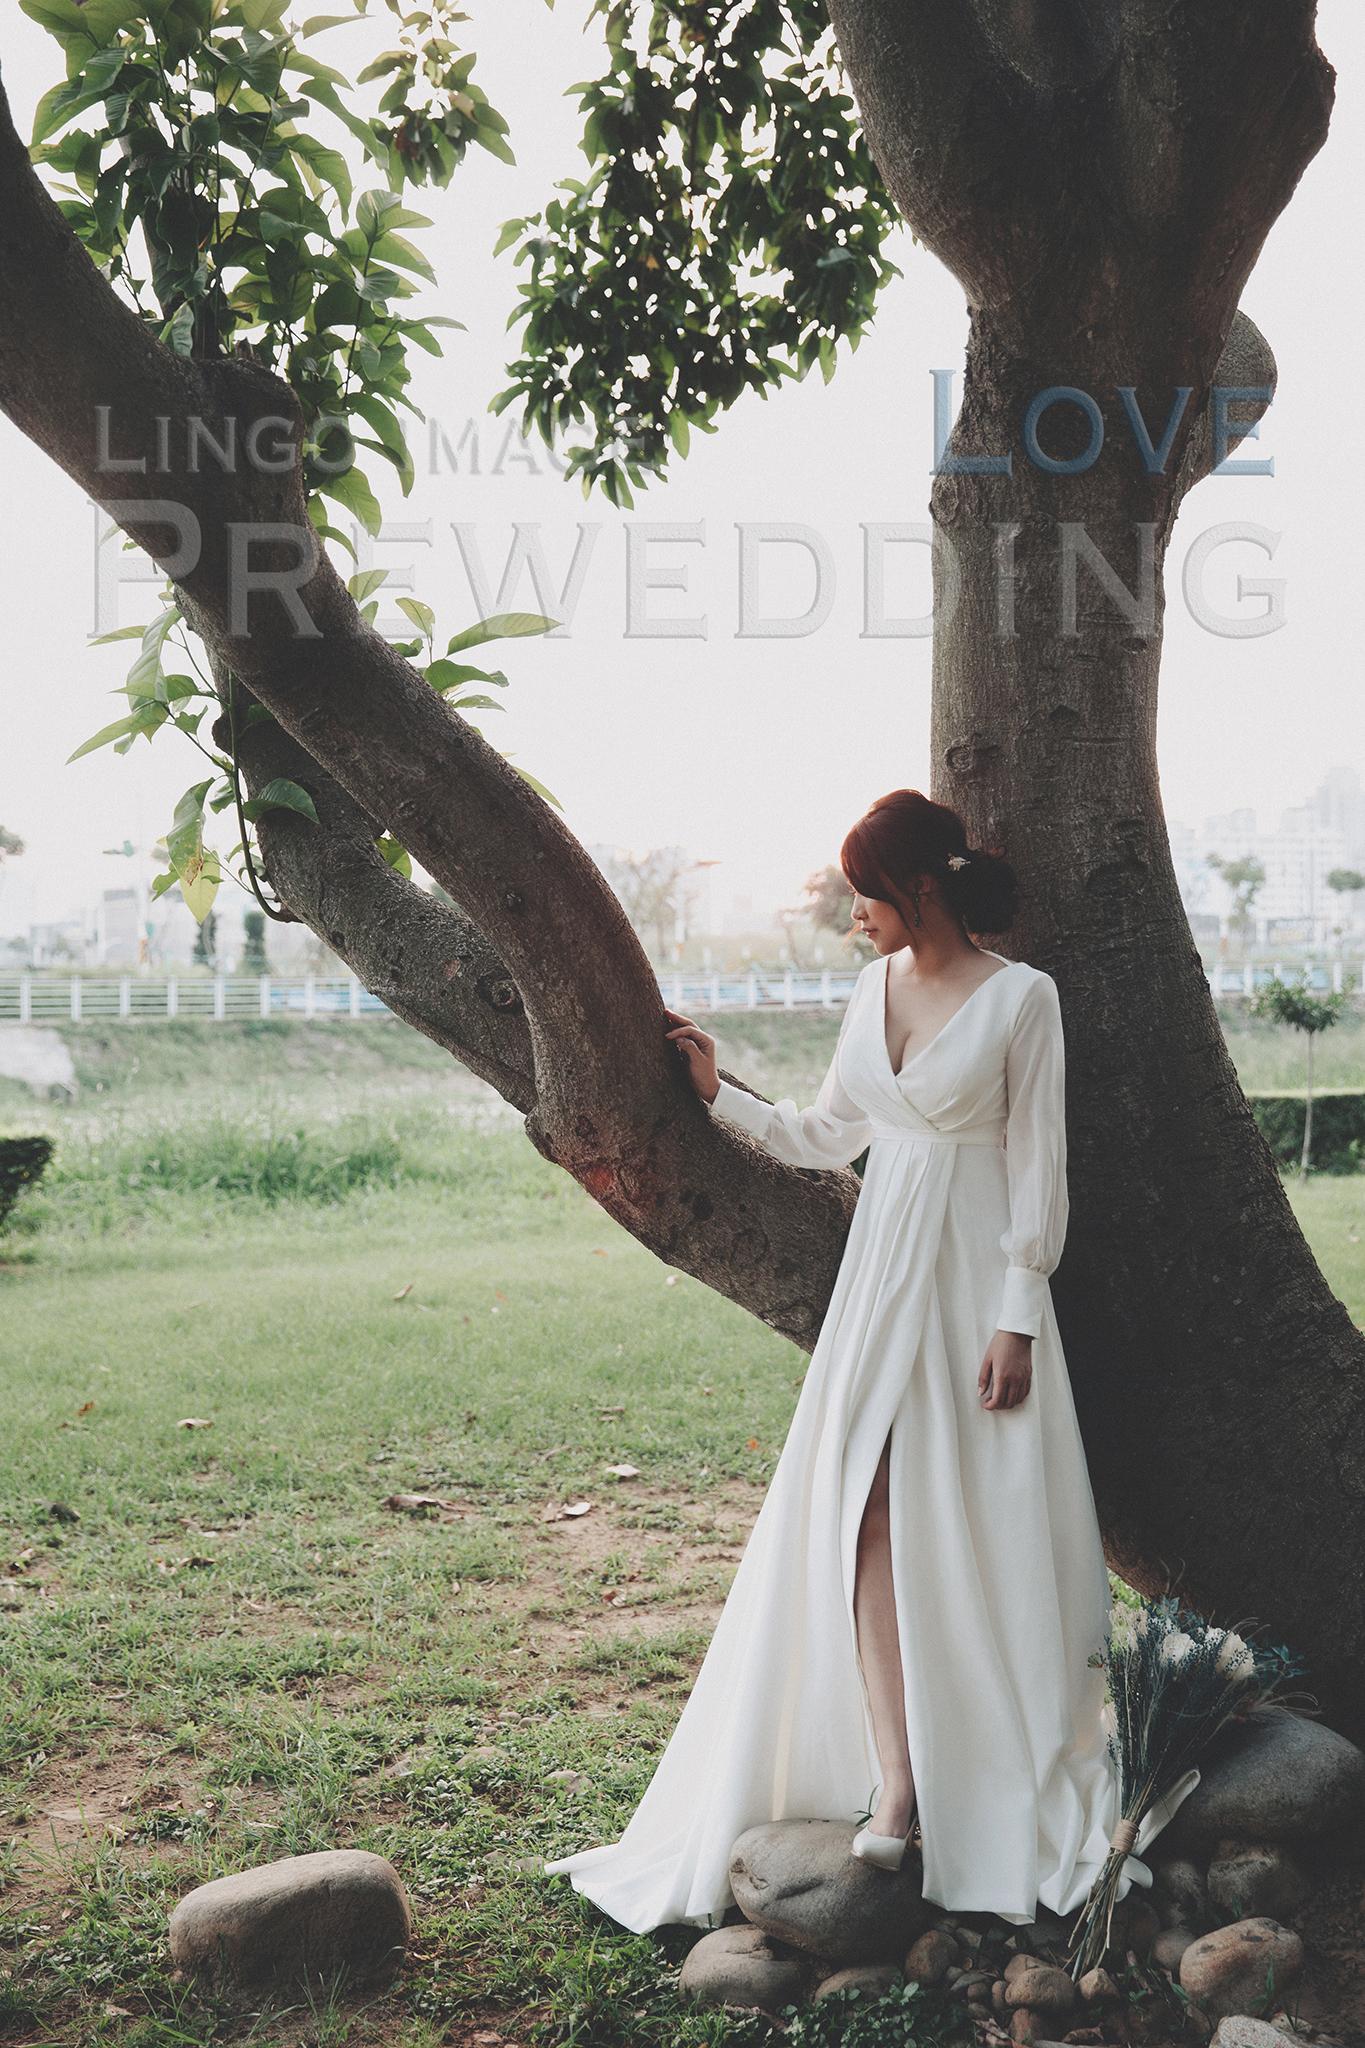 Lingo image -Bridal0